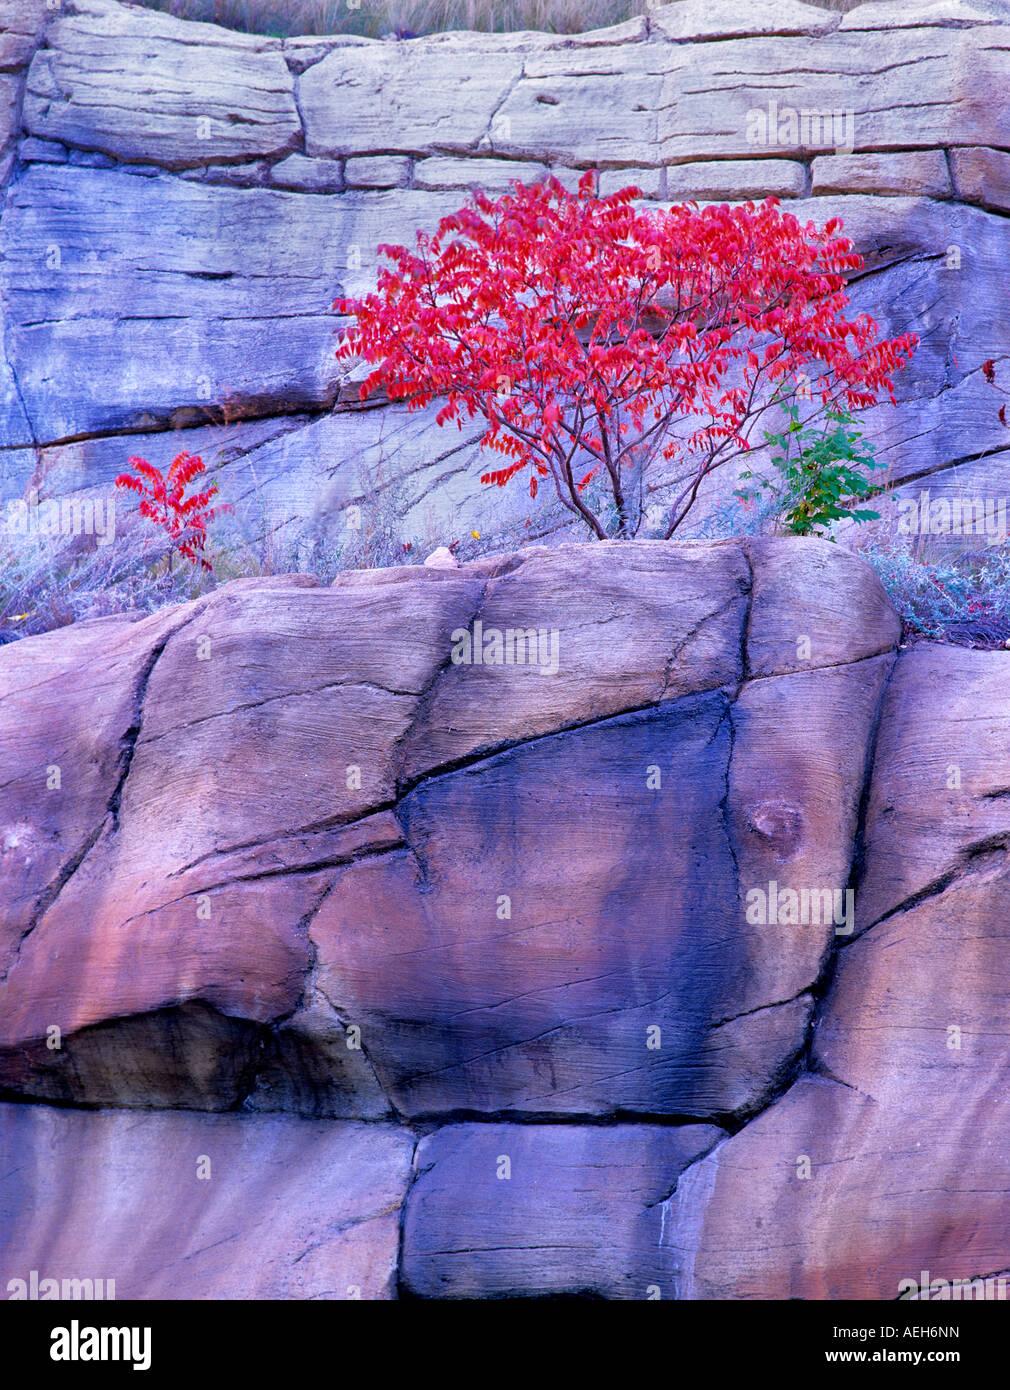 Caduta di sommacco colorato Red Rock segreto Mountain Wilderness Arizona Immagini Stock